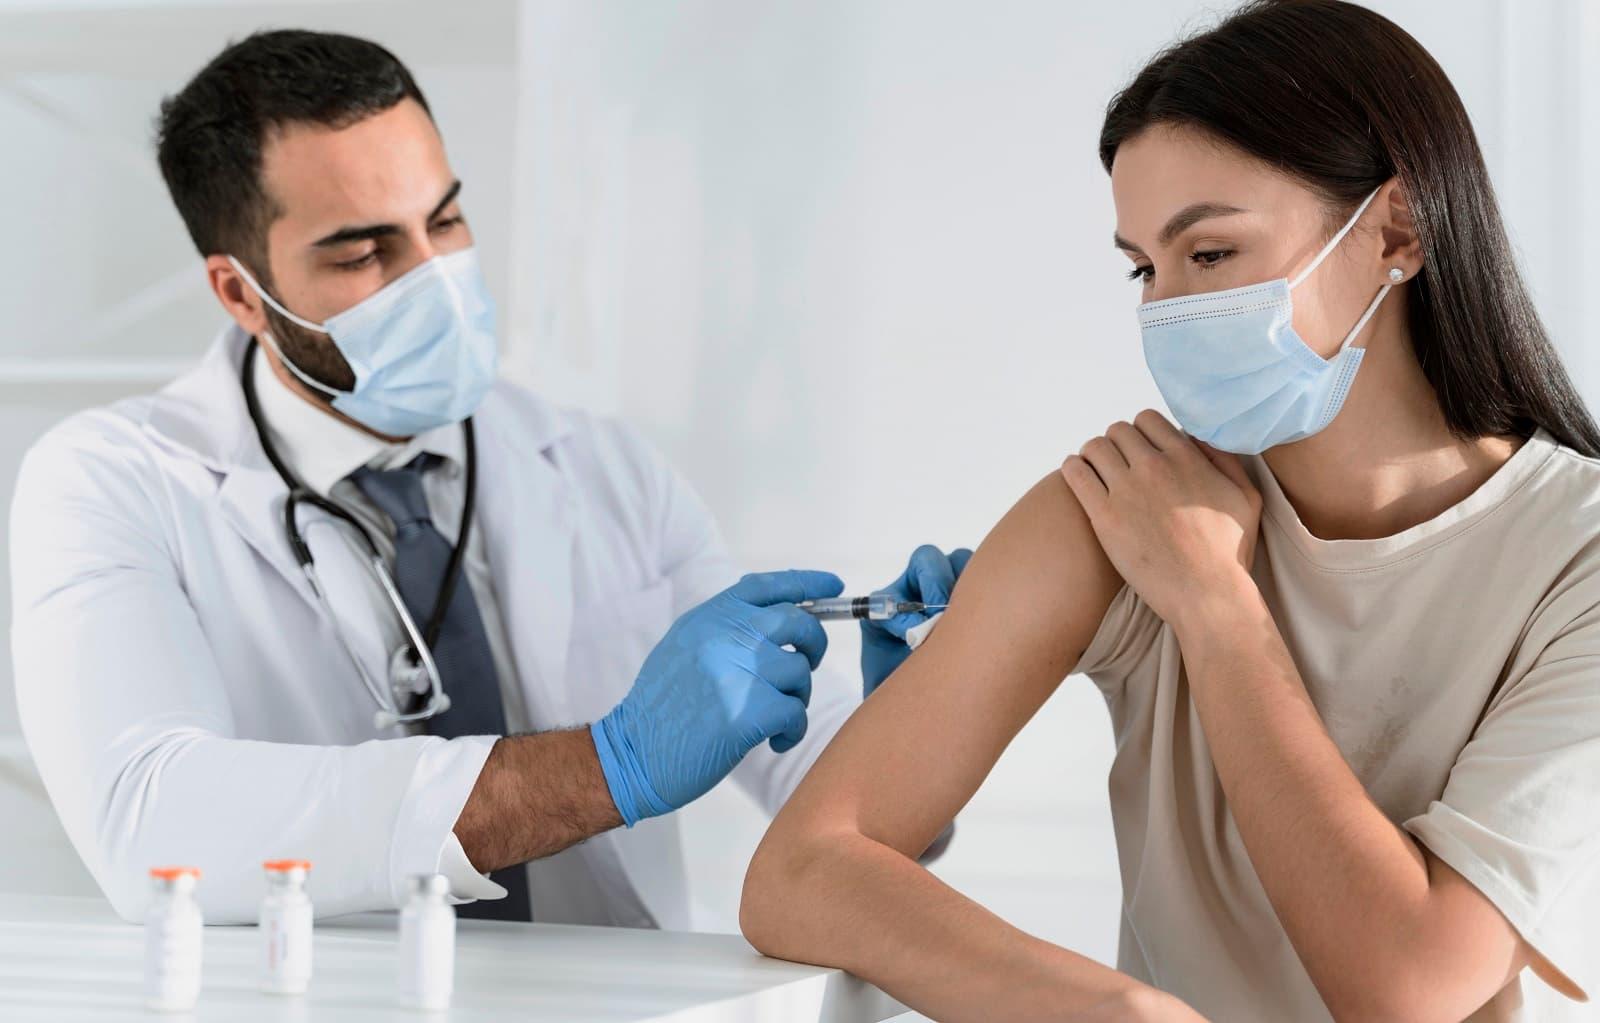 Estará justificada la ausencia laboral por ir a vacunarse contra el  coronavirus